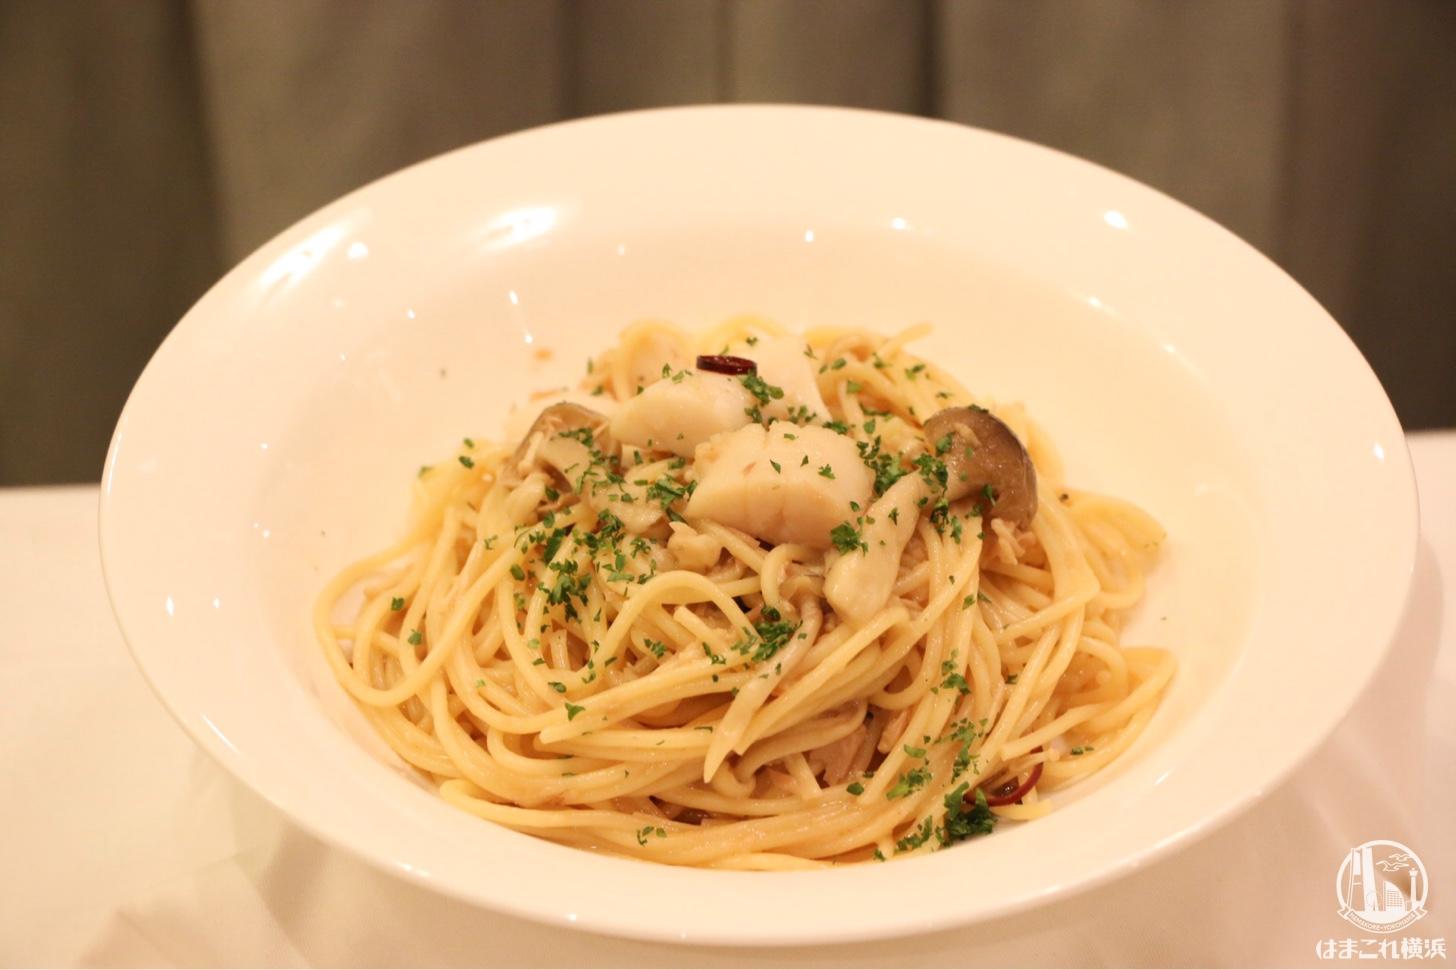 ホタテ貝とツナ、きのこのジャポネーゼ スパゲッティ